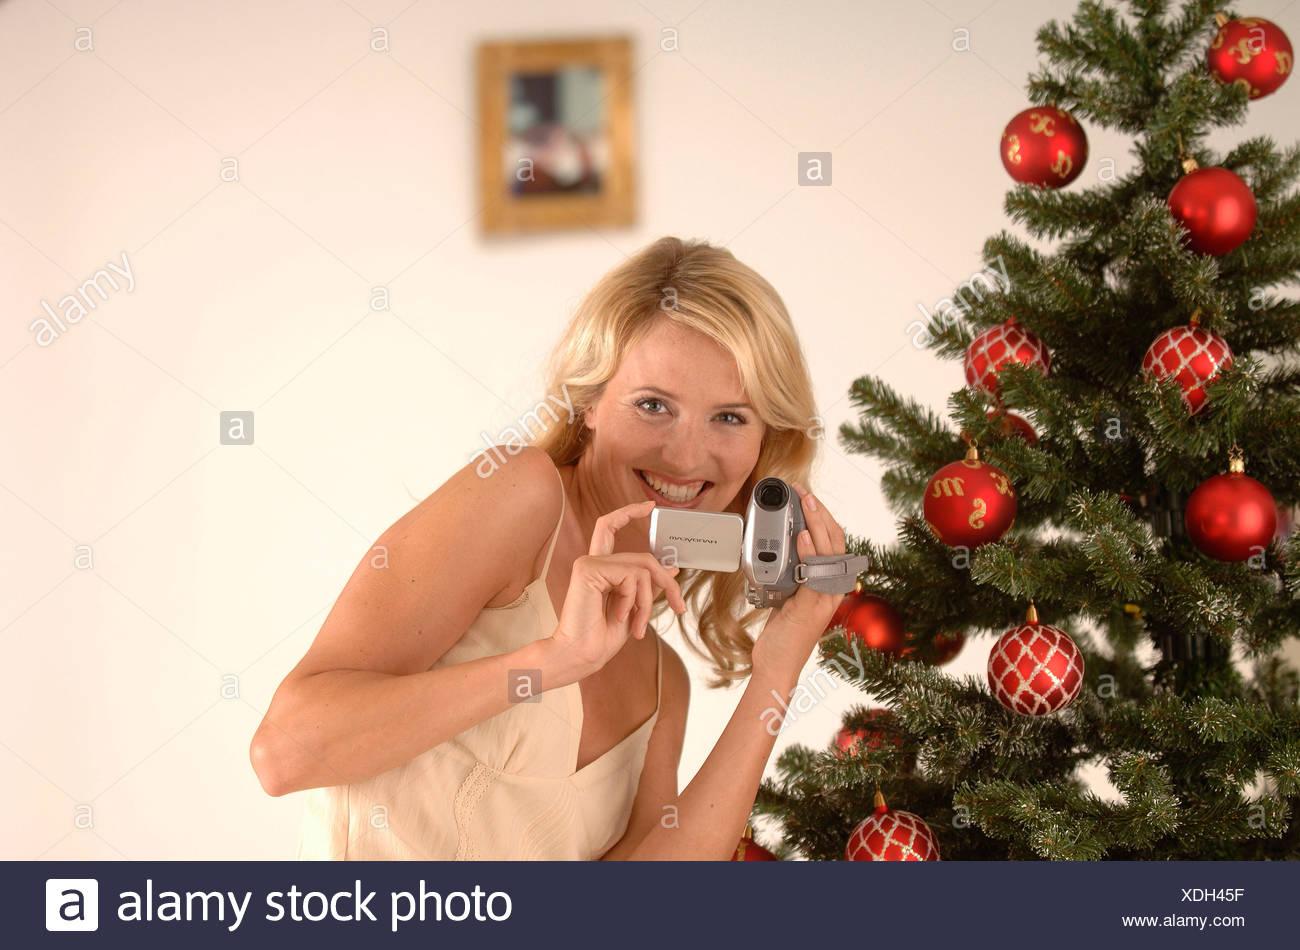 Femme blonde, 20-30, portant une robe de soirée lors du tournage avec un camescope en face d'un arbre de Noël Photo Stock